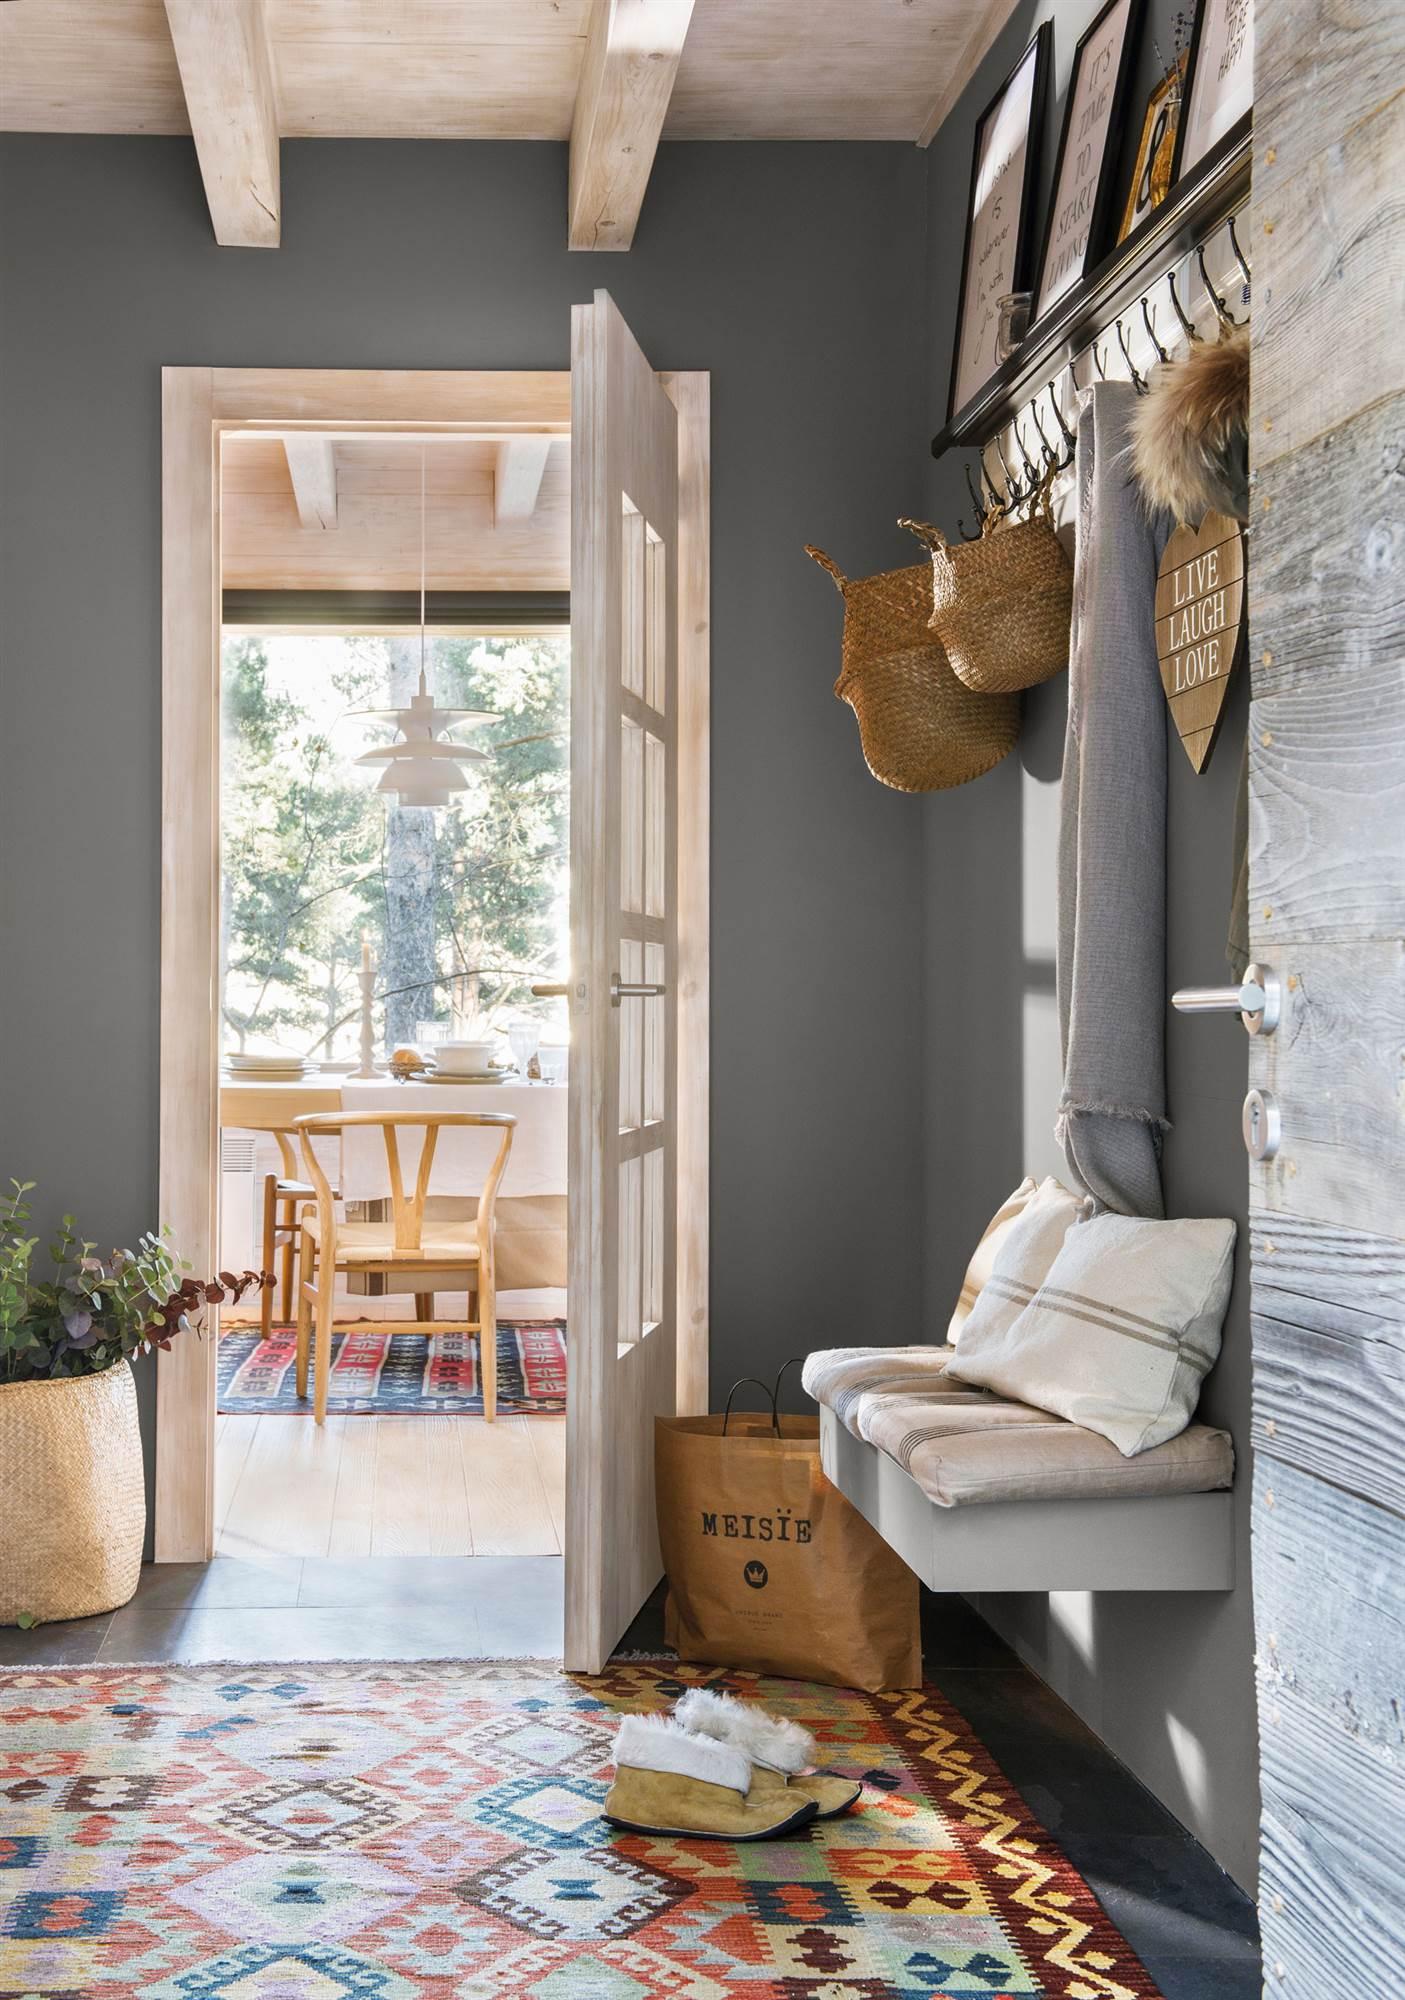 Los colores para pintar el recibidor que mejor le sentar n - Color marfil en paredes ...